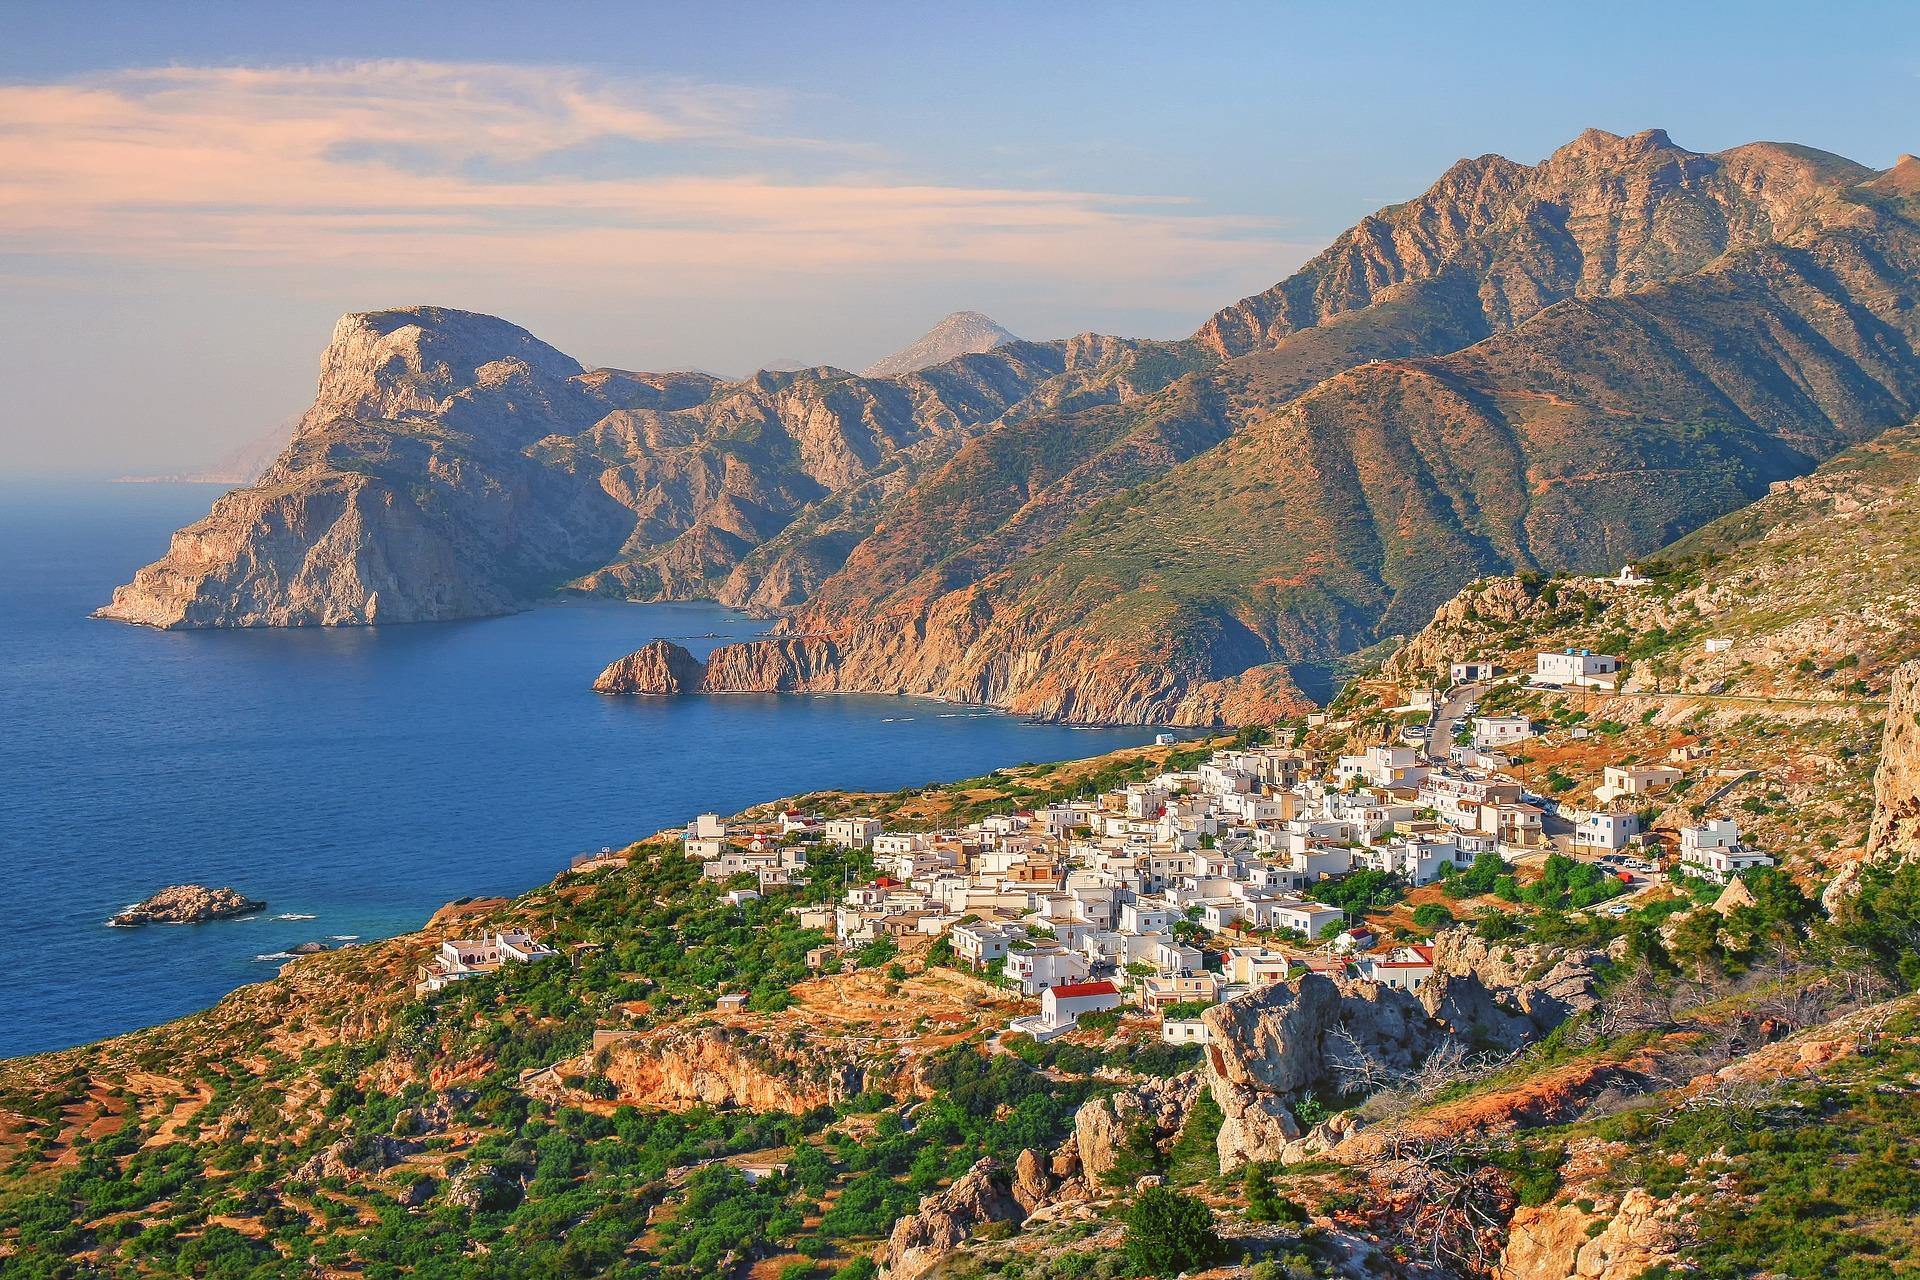 ostrvo, grcka, letovanje, zanimljivosti, odmor